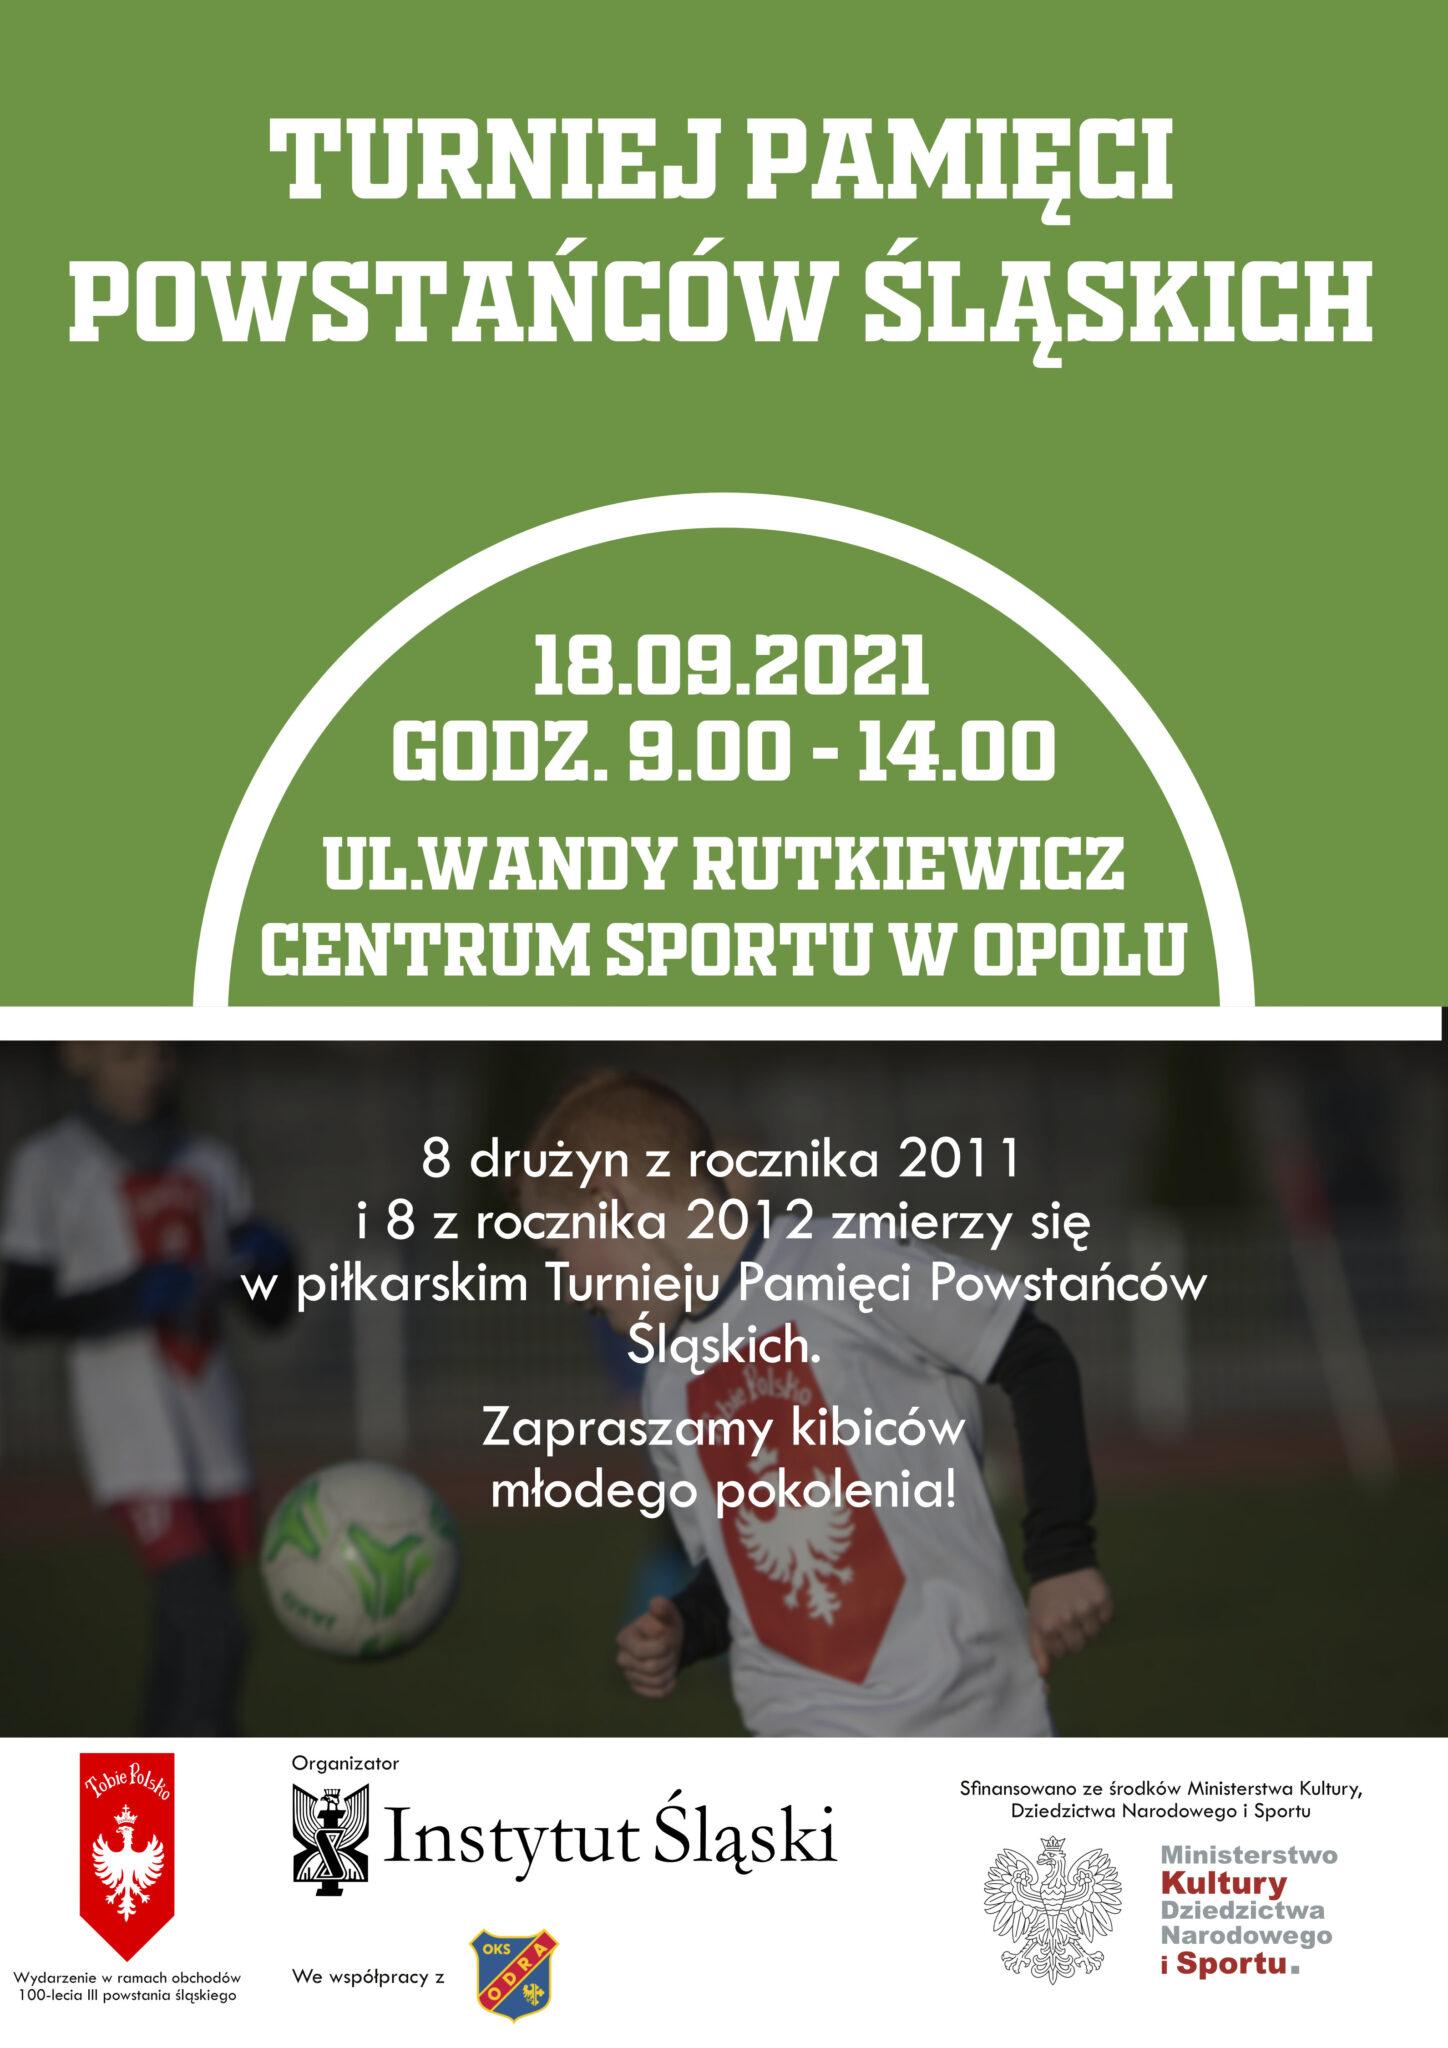 Turniej Pamięci Powstańców Śląskich